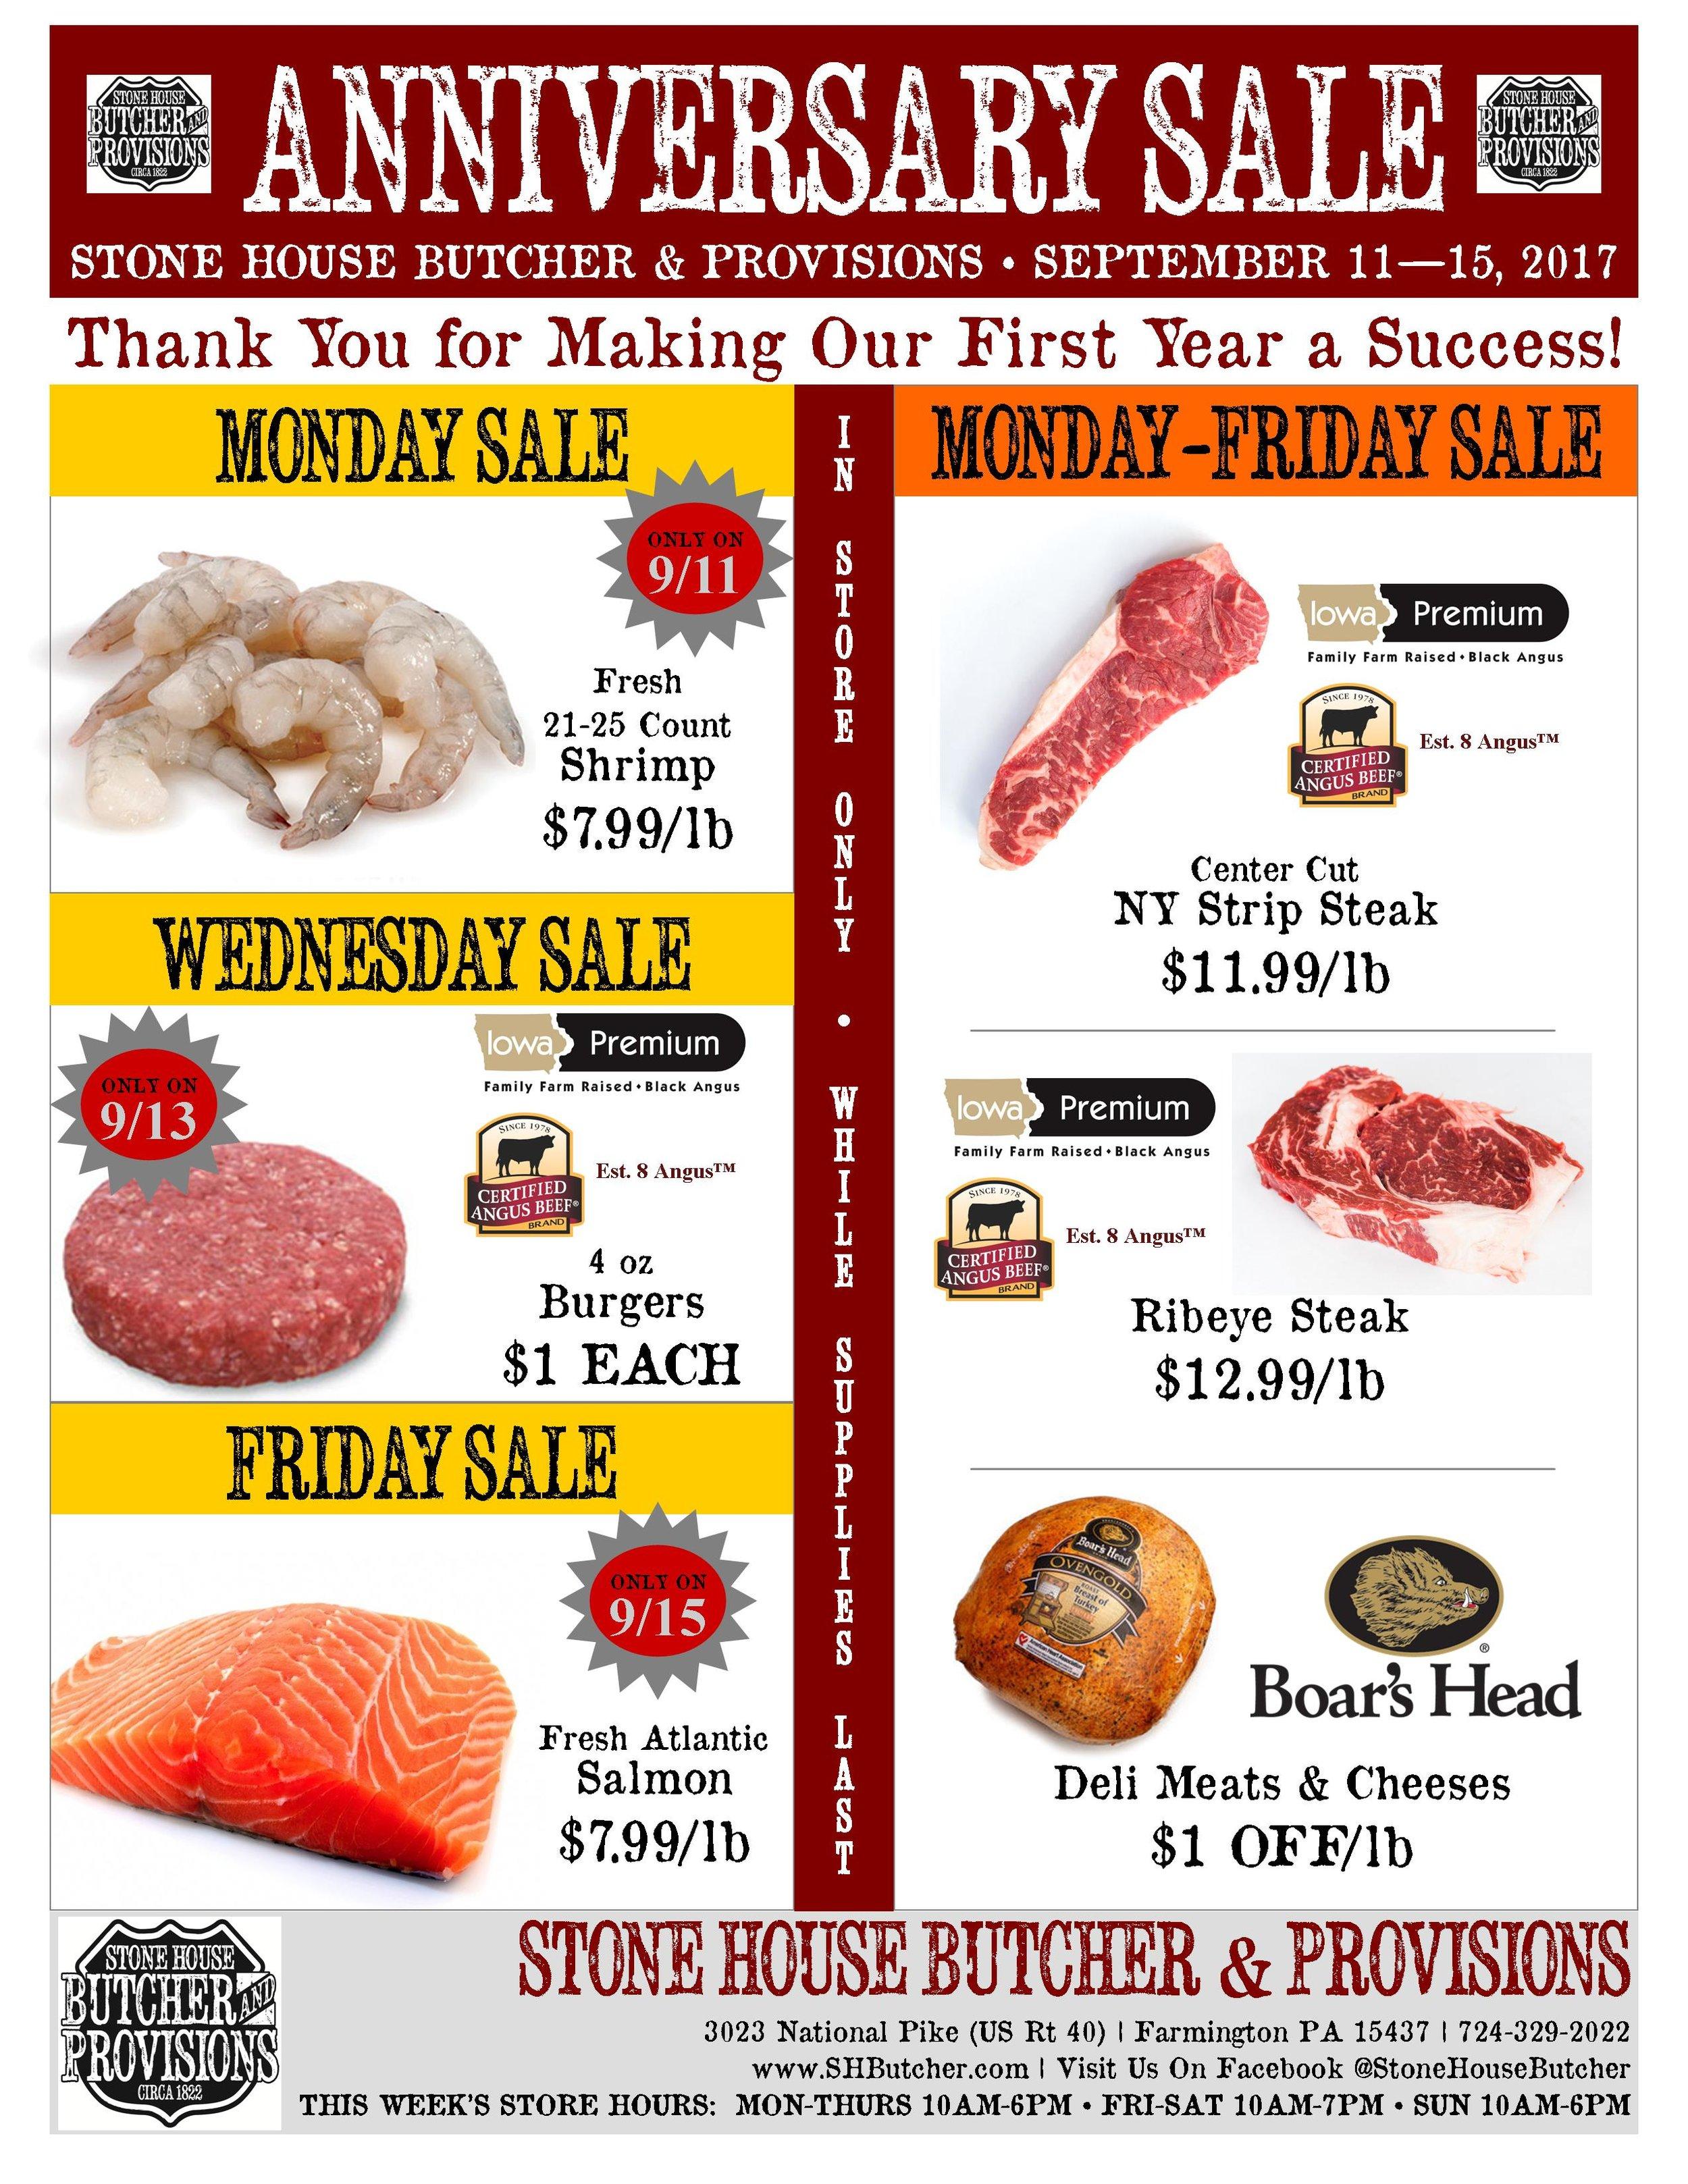 SH Butcher Anniv Sale 2017.jpg